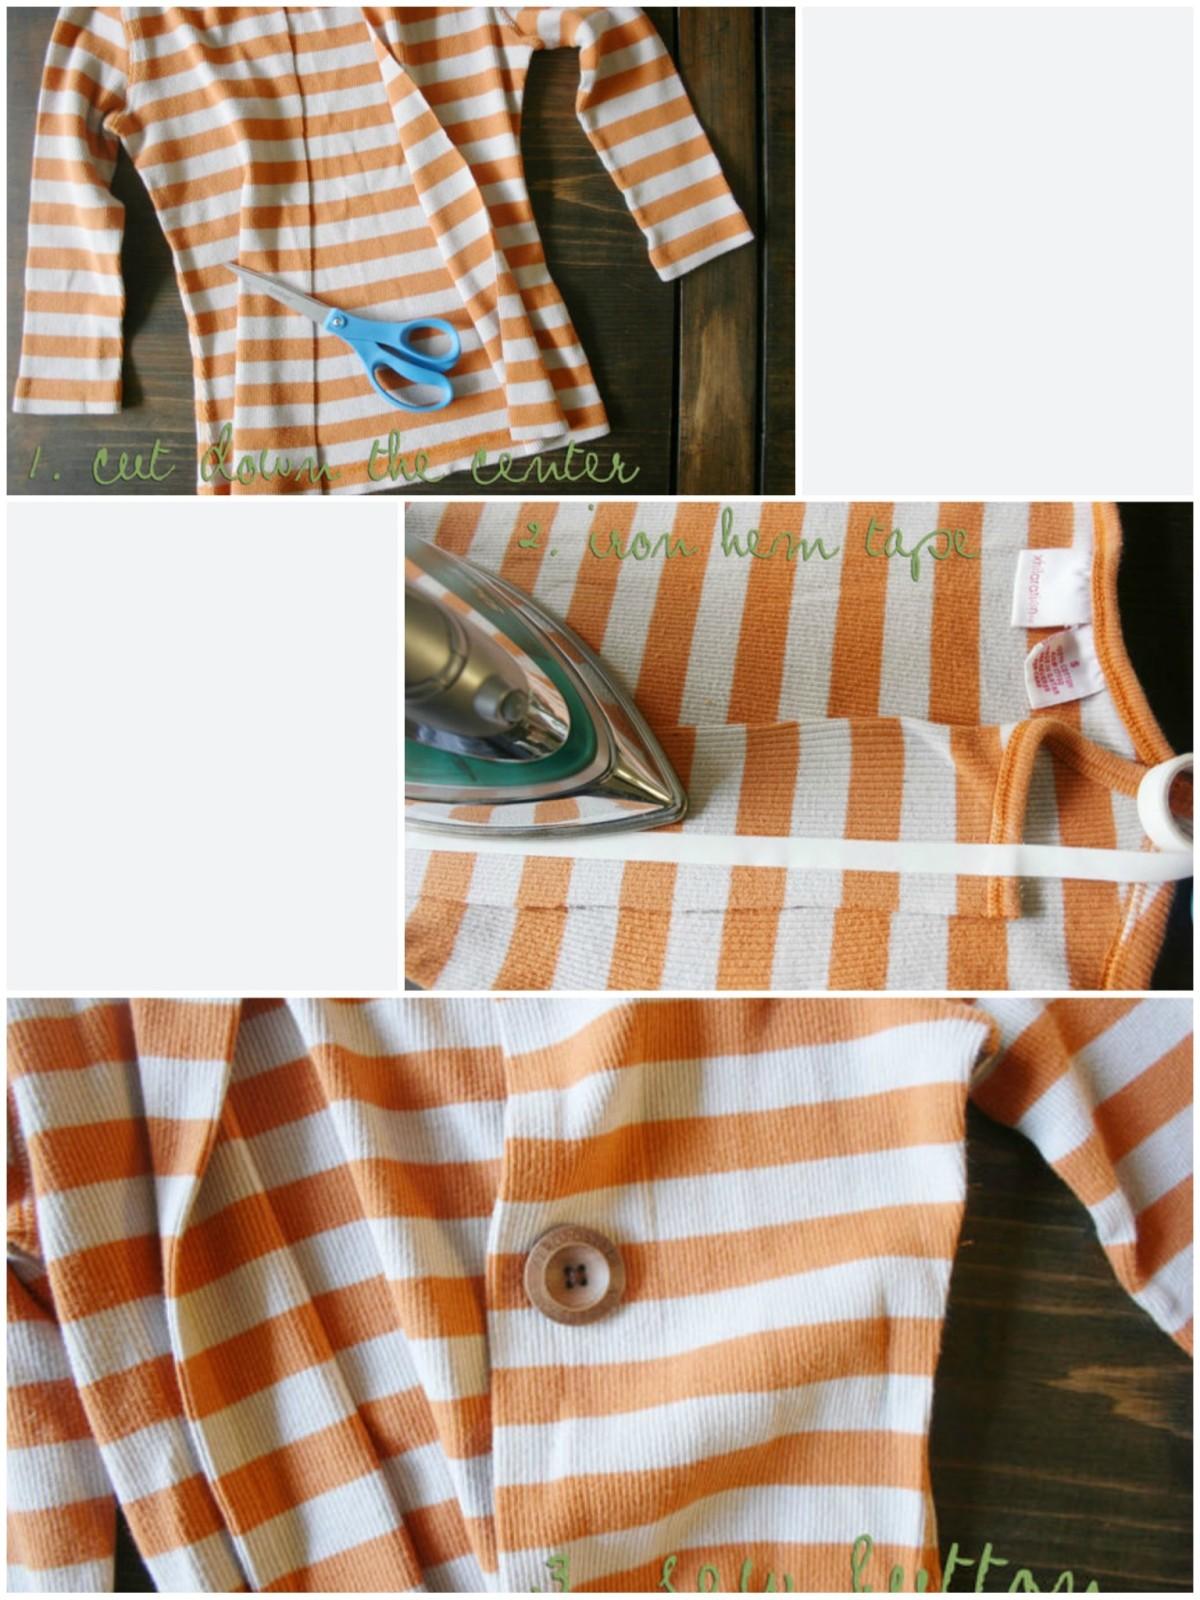 Sursa foto: instructables.com